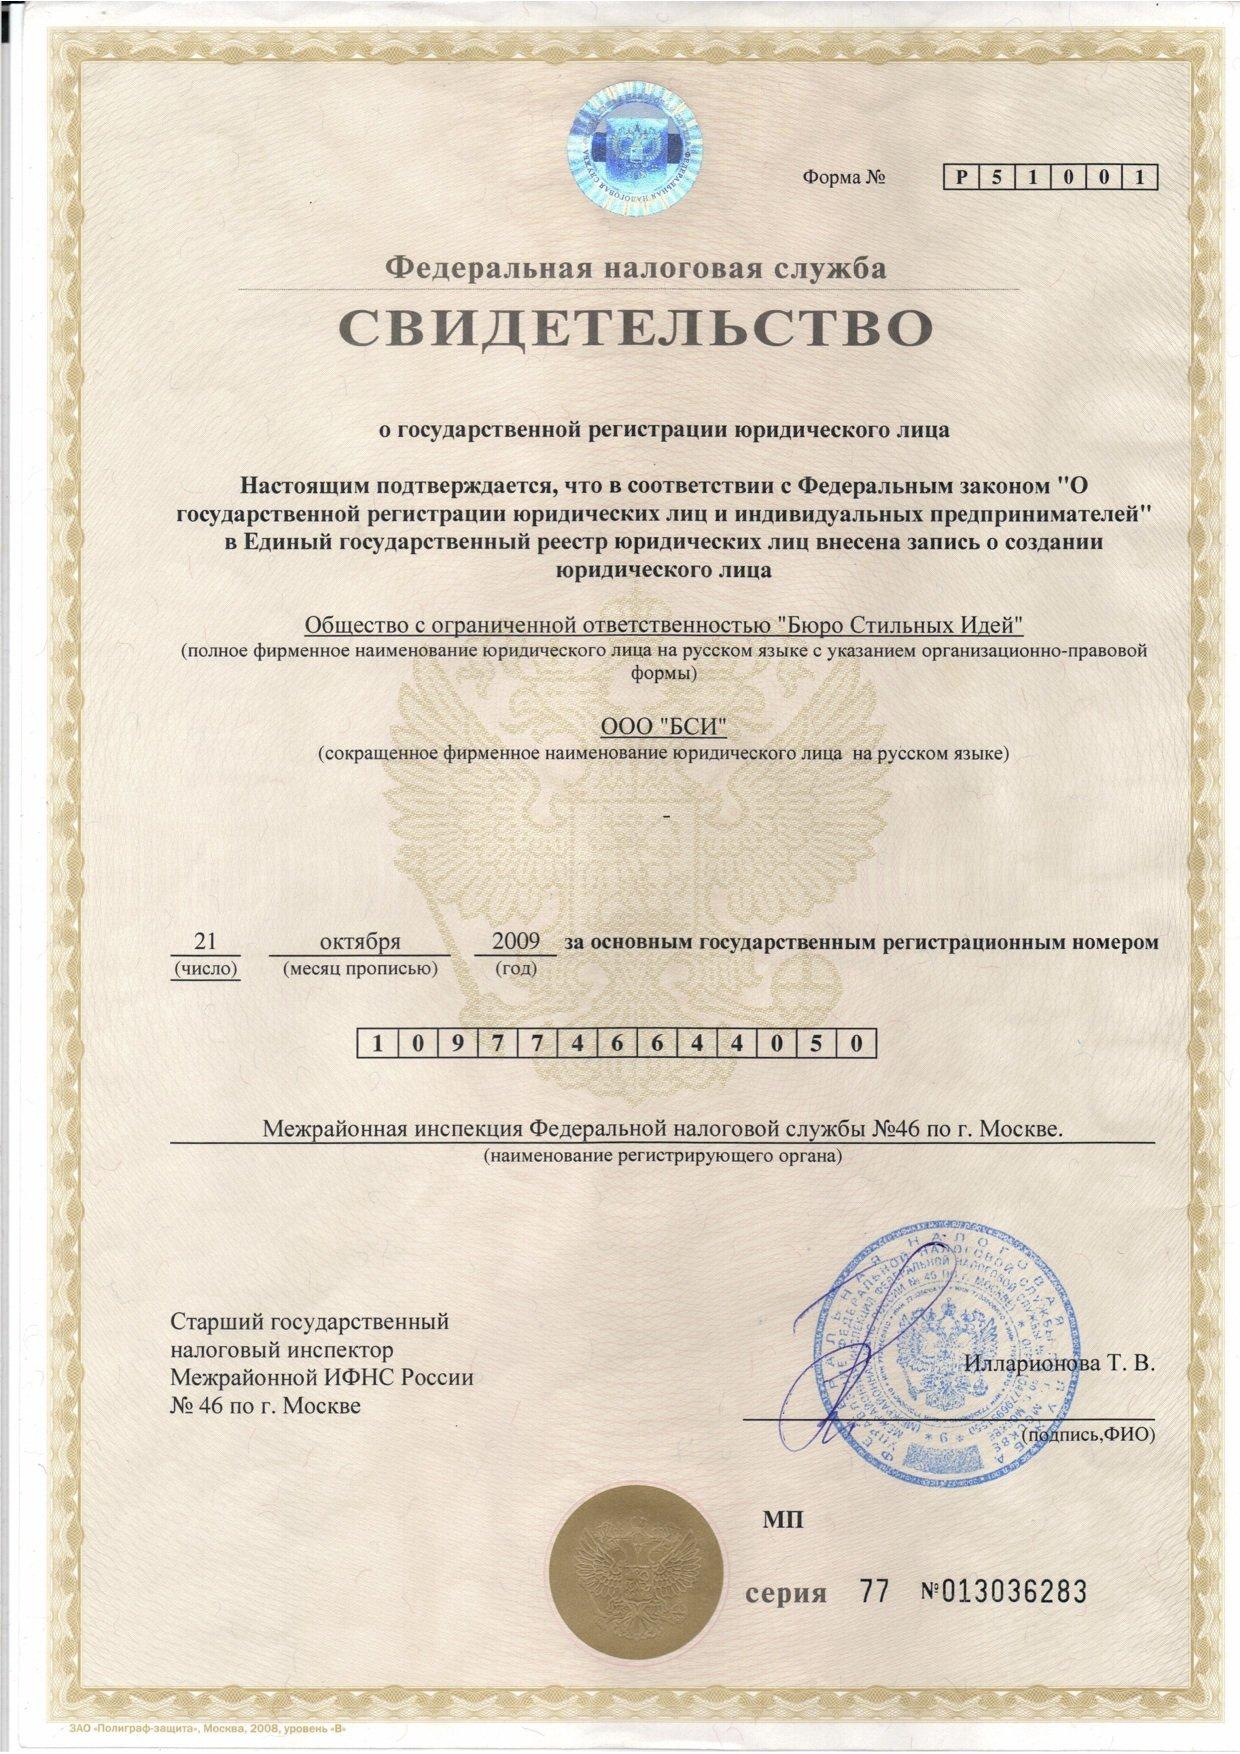 http://market-tehnika.ru/images/upload/Свидетельство%20о%20государственной%20регистрации%20юридического%20лица.jpg